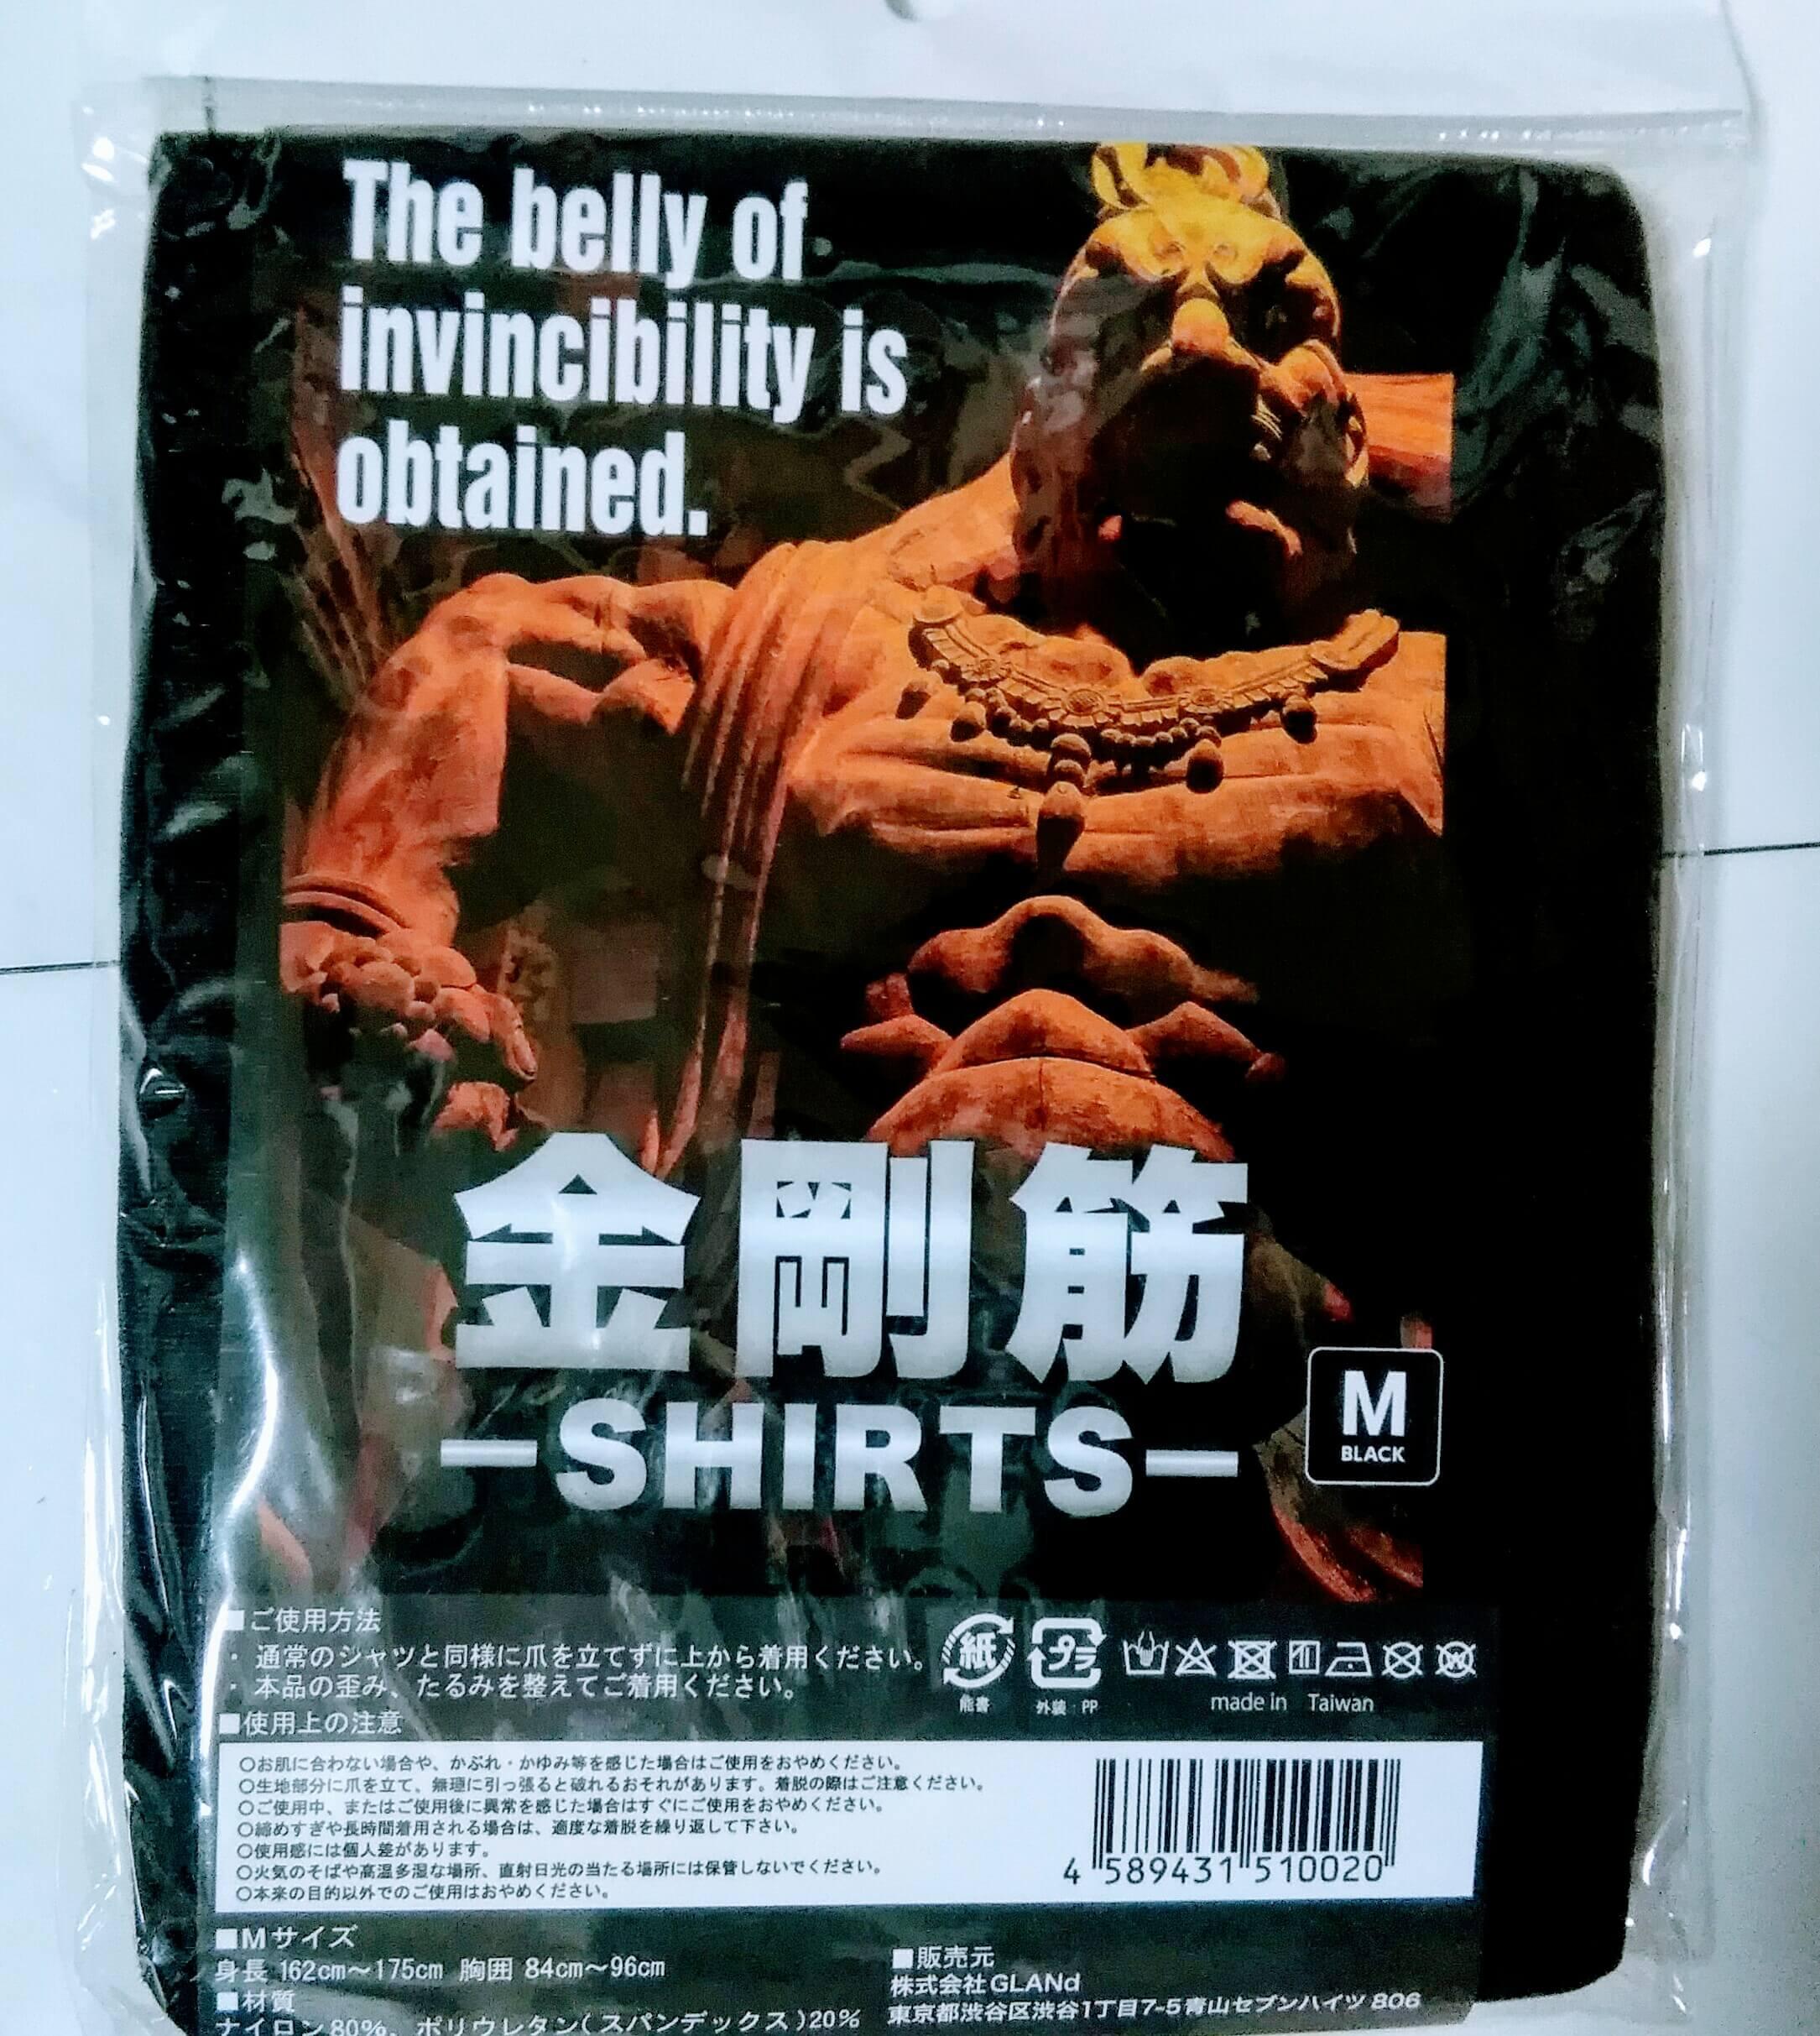 加圧シャツ!ぽっこりお腹も解消!?金剛筋シャツ